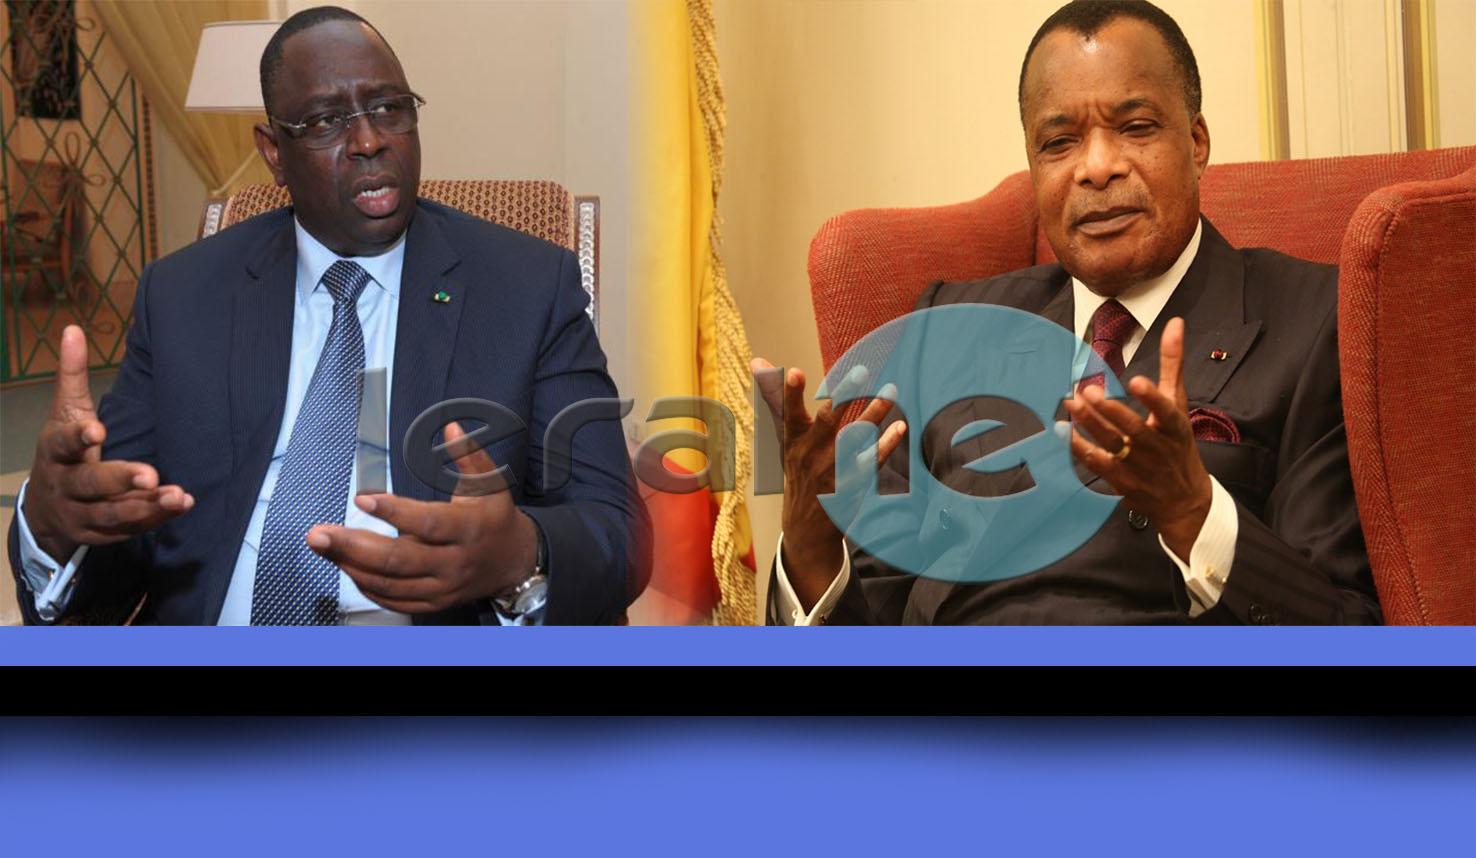 M. Sassou-Nguesso a été accueilli par son homologue du Sénégal, Macky Sall, à son arrivée dans la capitale sénégalaise.